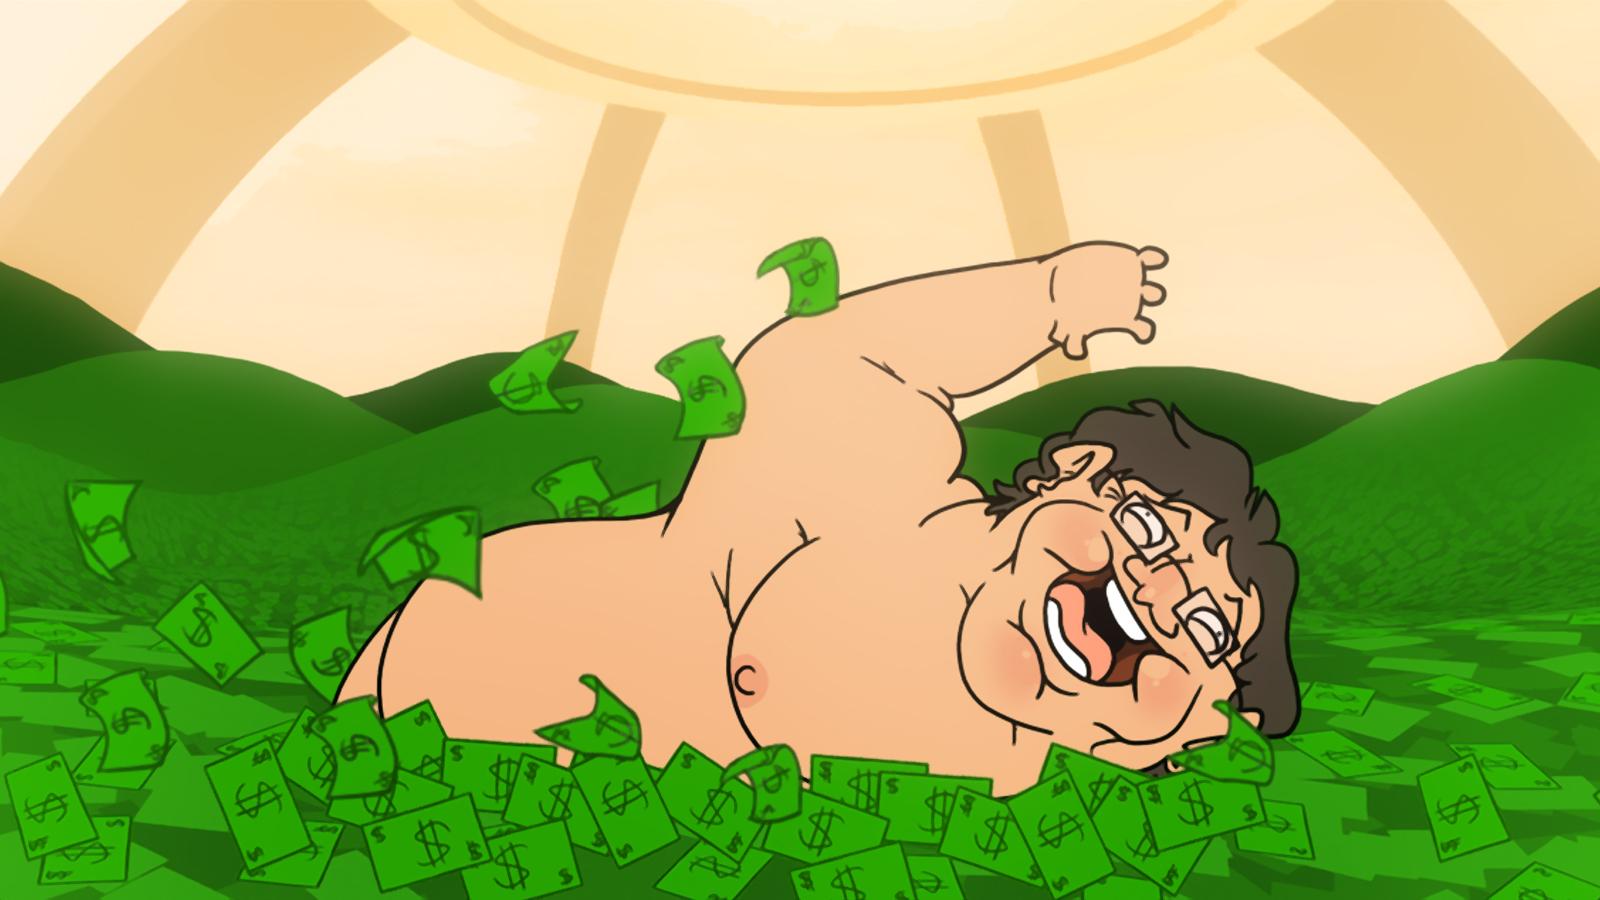 La internetz vota al gordo Gabe Newell como nuevo CEO de Microsoft (Seguido por Stallman)